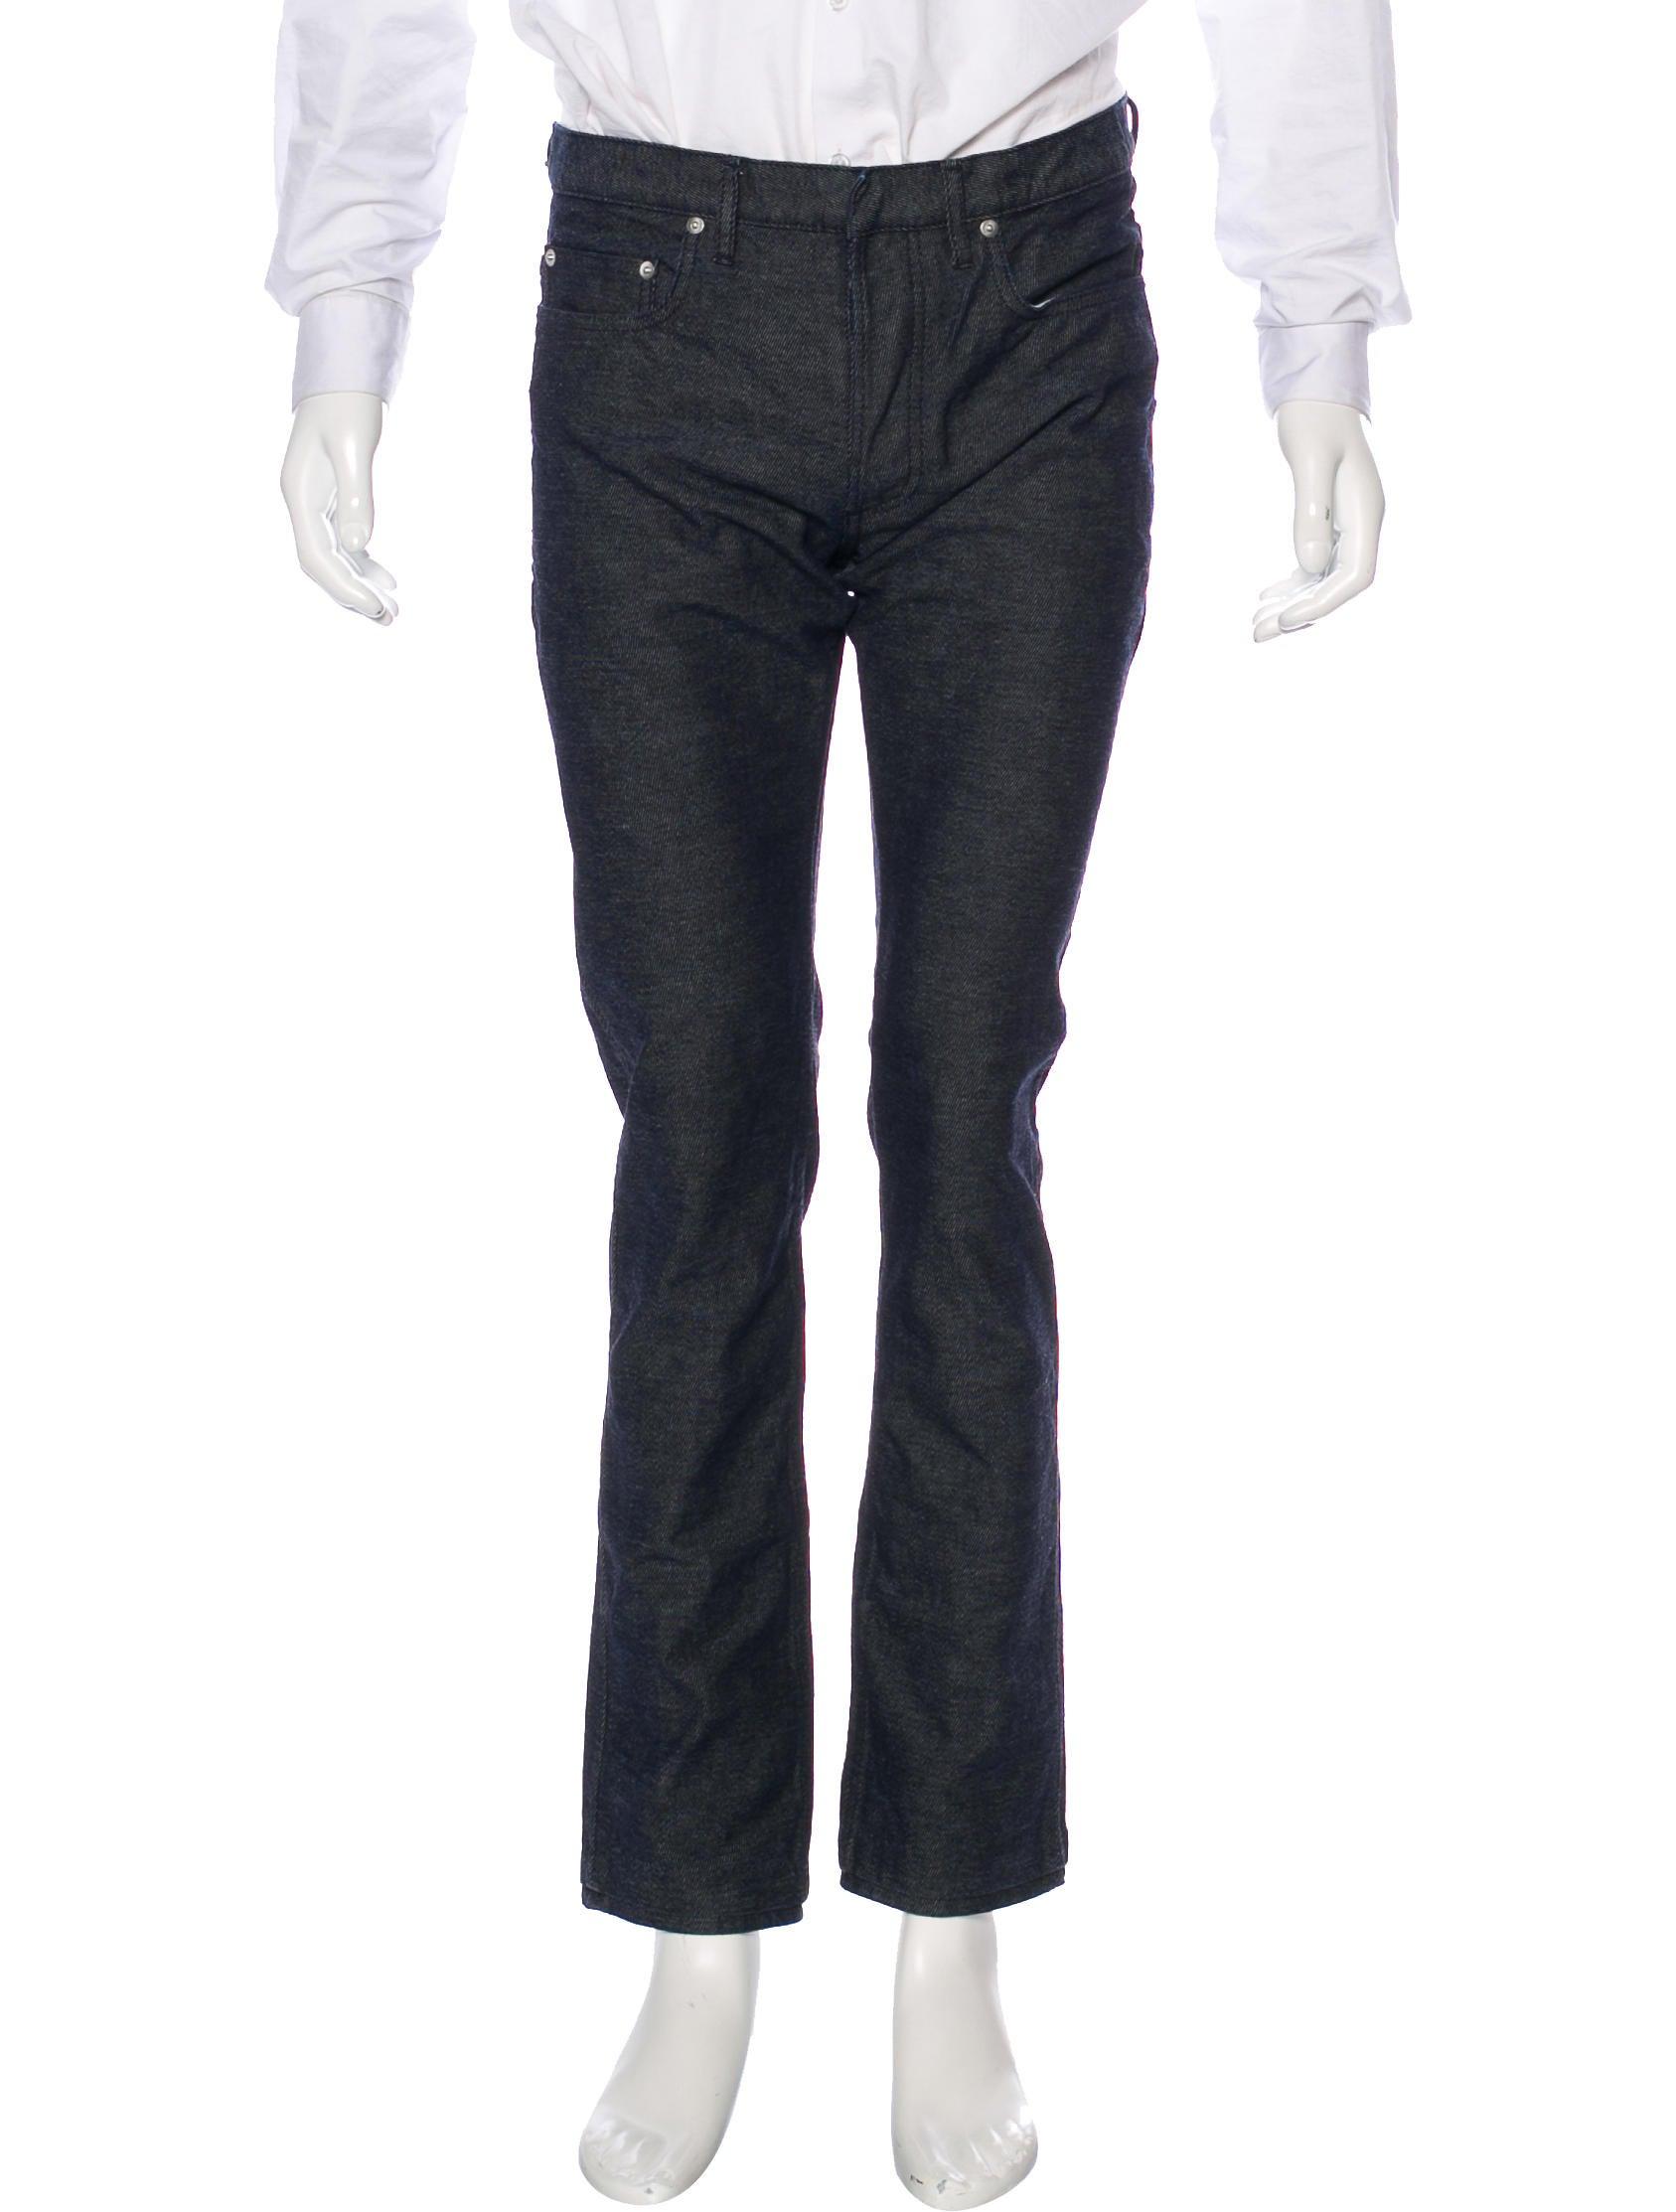 dior homme five pocket slim jeans clothing hmm23360 the realreal. Black Bedroom Furniture Sets. Home Design Ideas